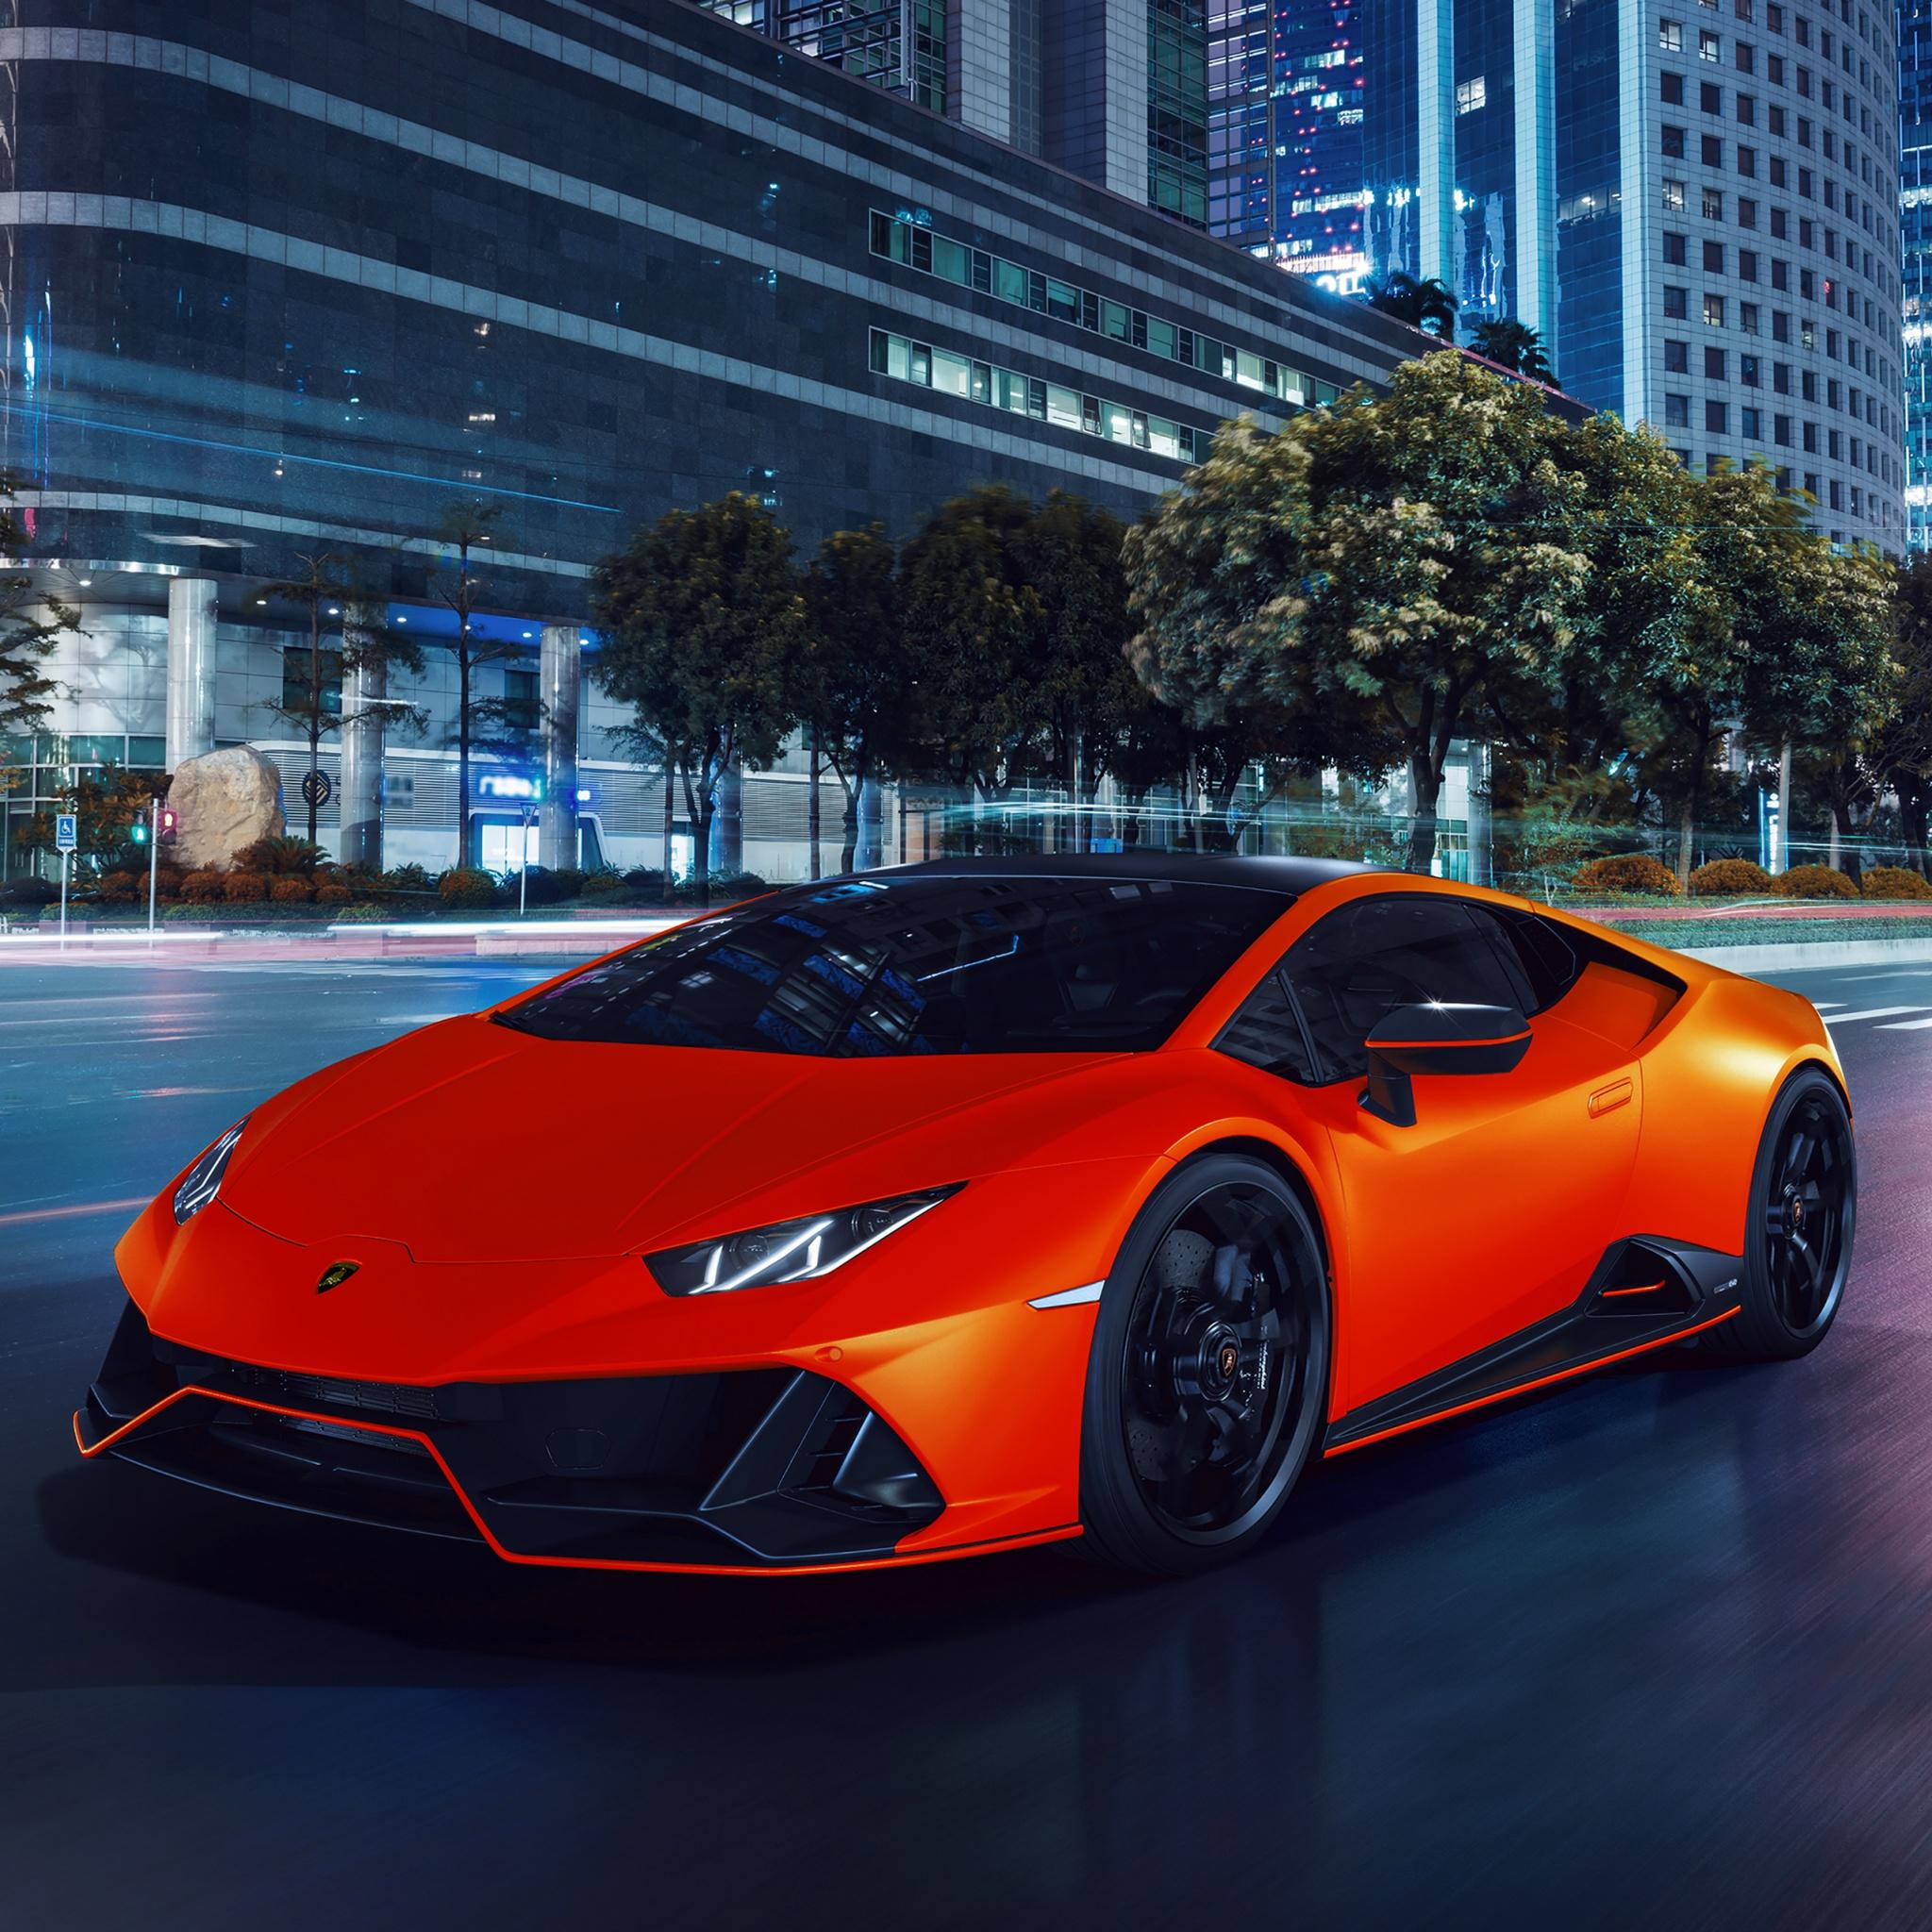 Lamborghini Huracan EVO Fluo Capsule 4K Wallpaper, Night